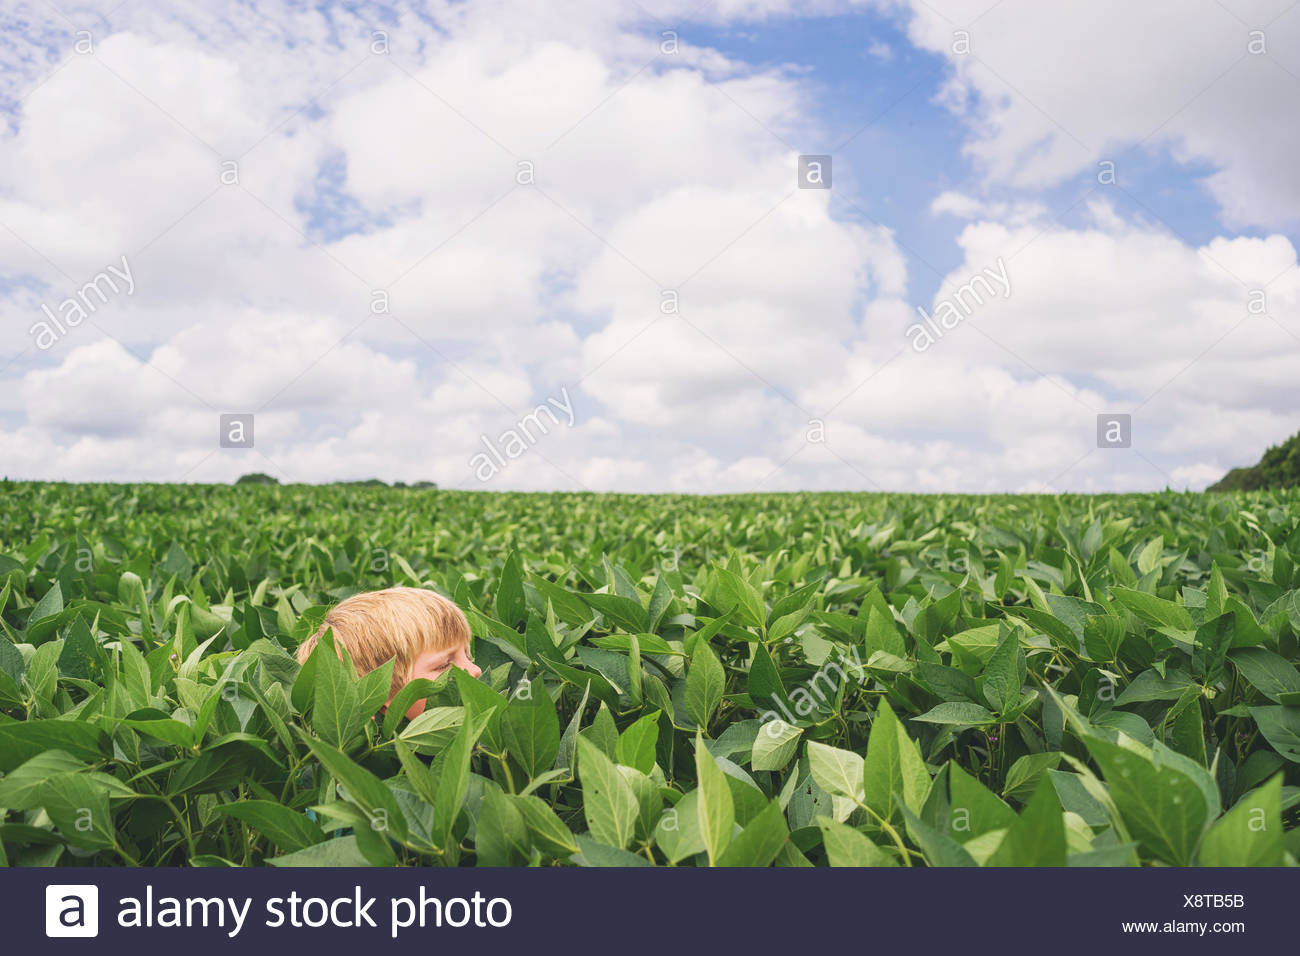 Tête du garçon dans un champ de maïs Photo Stock